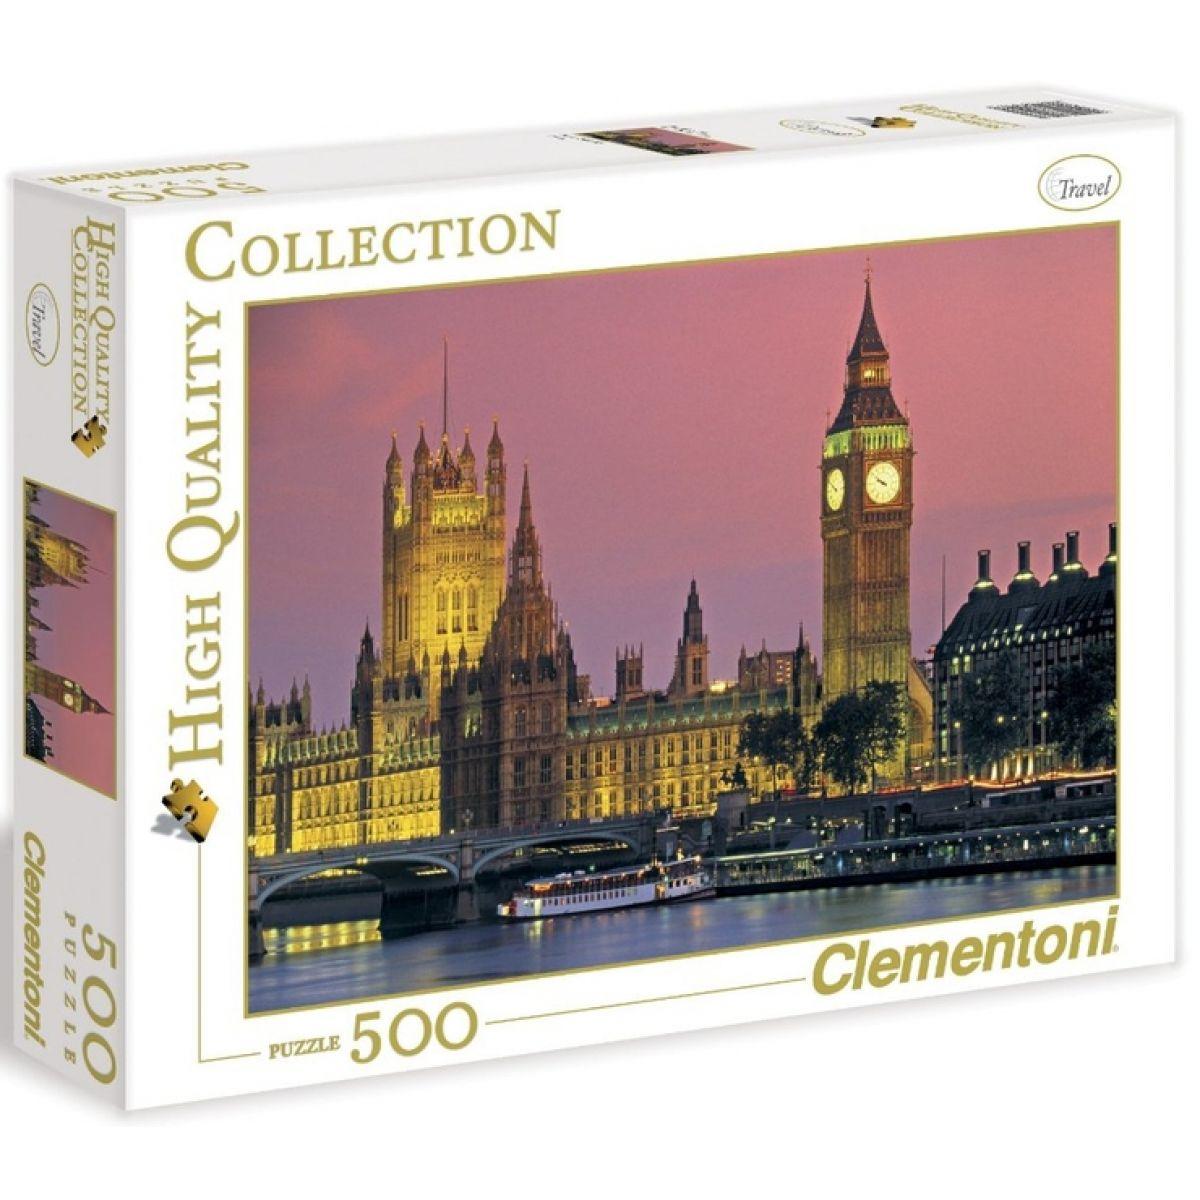 Clementoni 30378 - Puzzle 500, Večerní Londýn